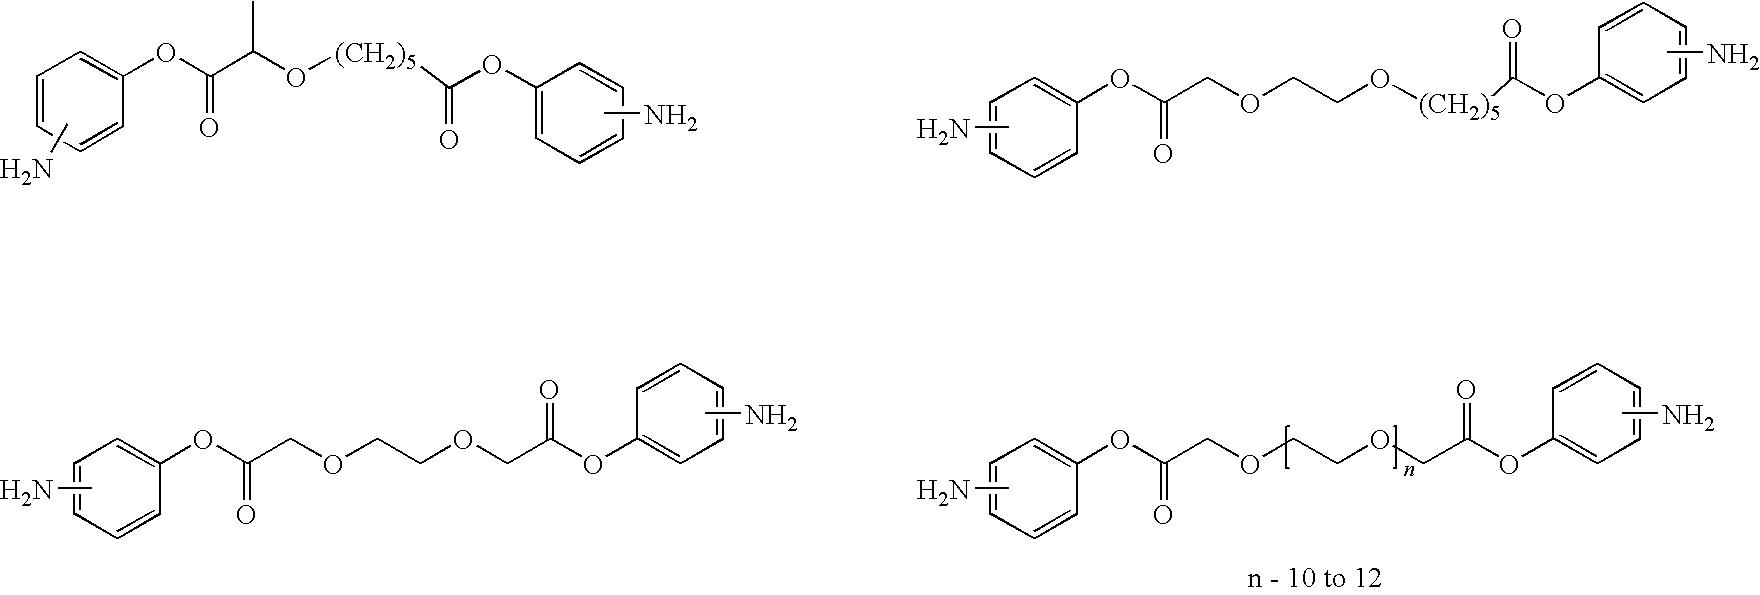 Figure US20090285896A1-20091119-C00006